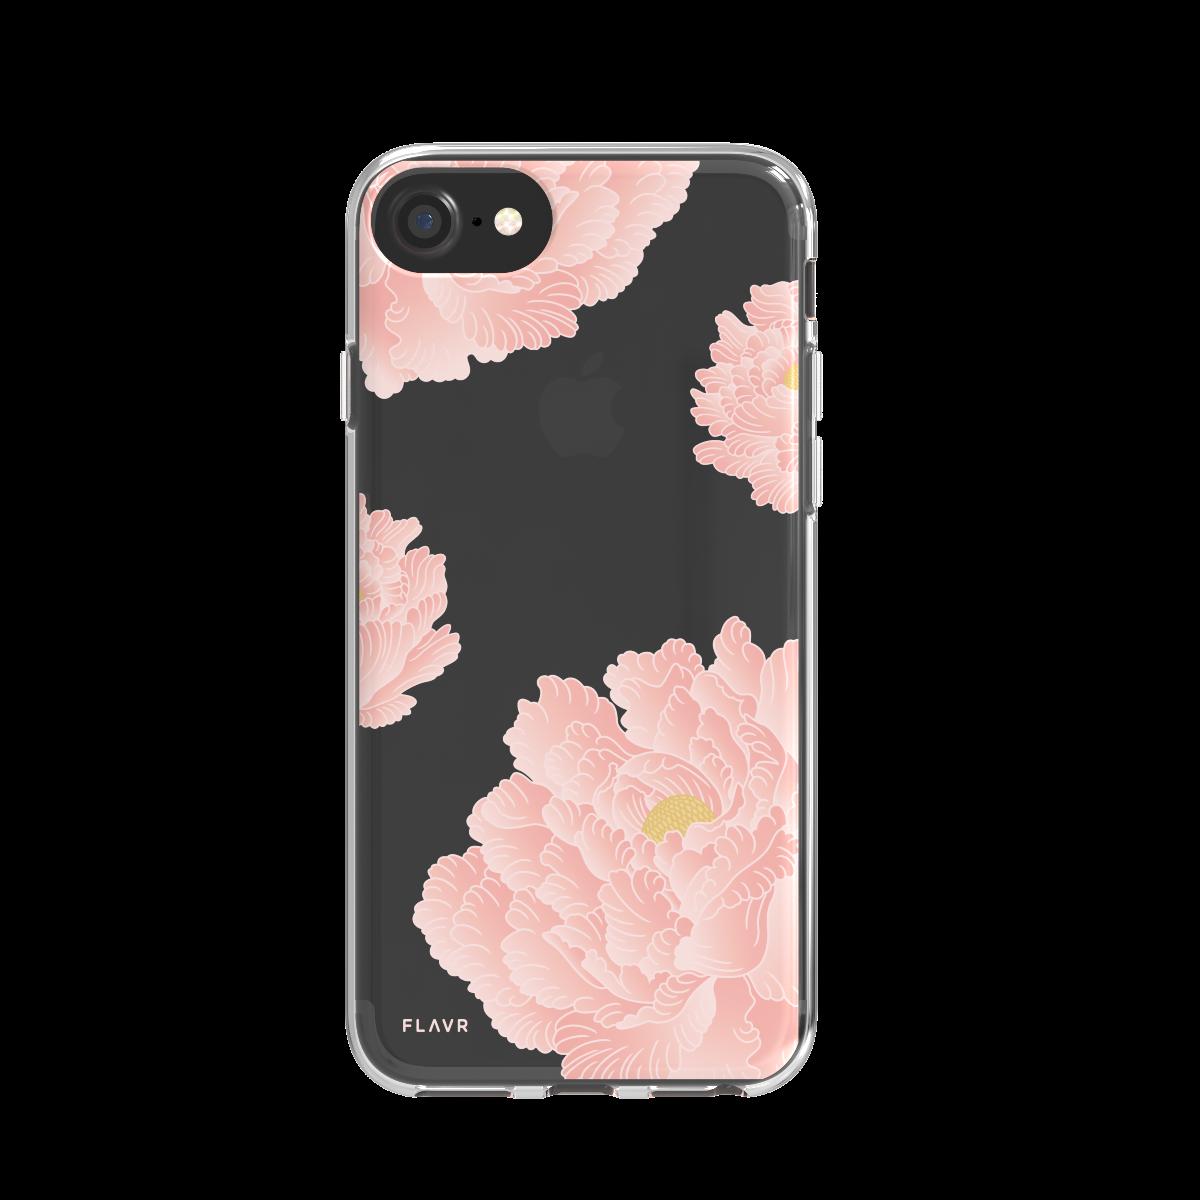 Ochranný kryt pro iPhone 8 / 7 / 6s / 6 - FLAVR, PINK PEONIES